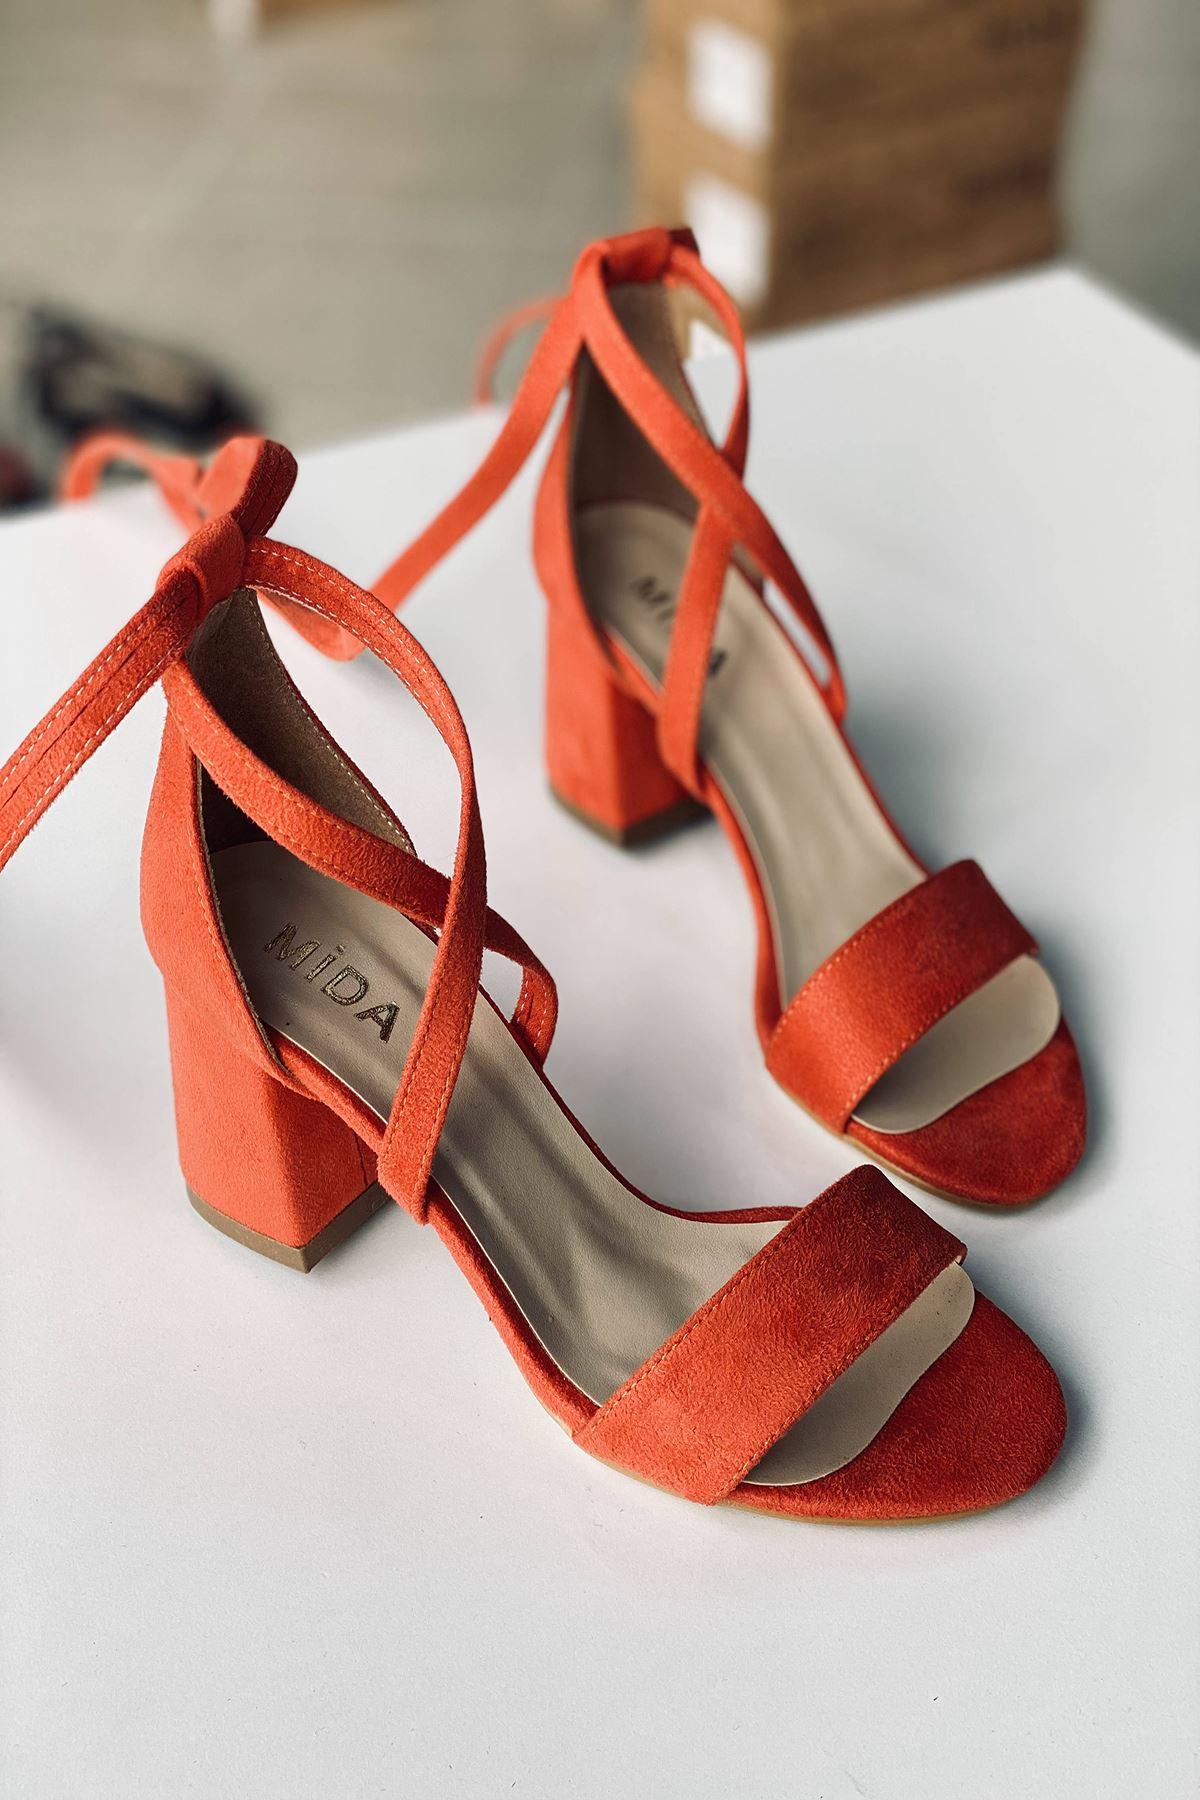 Y615 Turuncu Süet Topuklu Ayakkabı